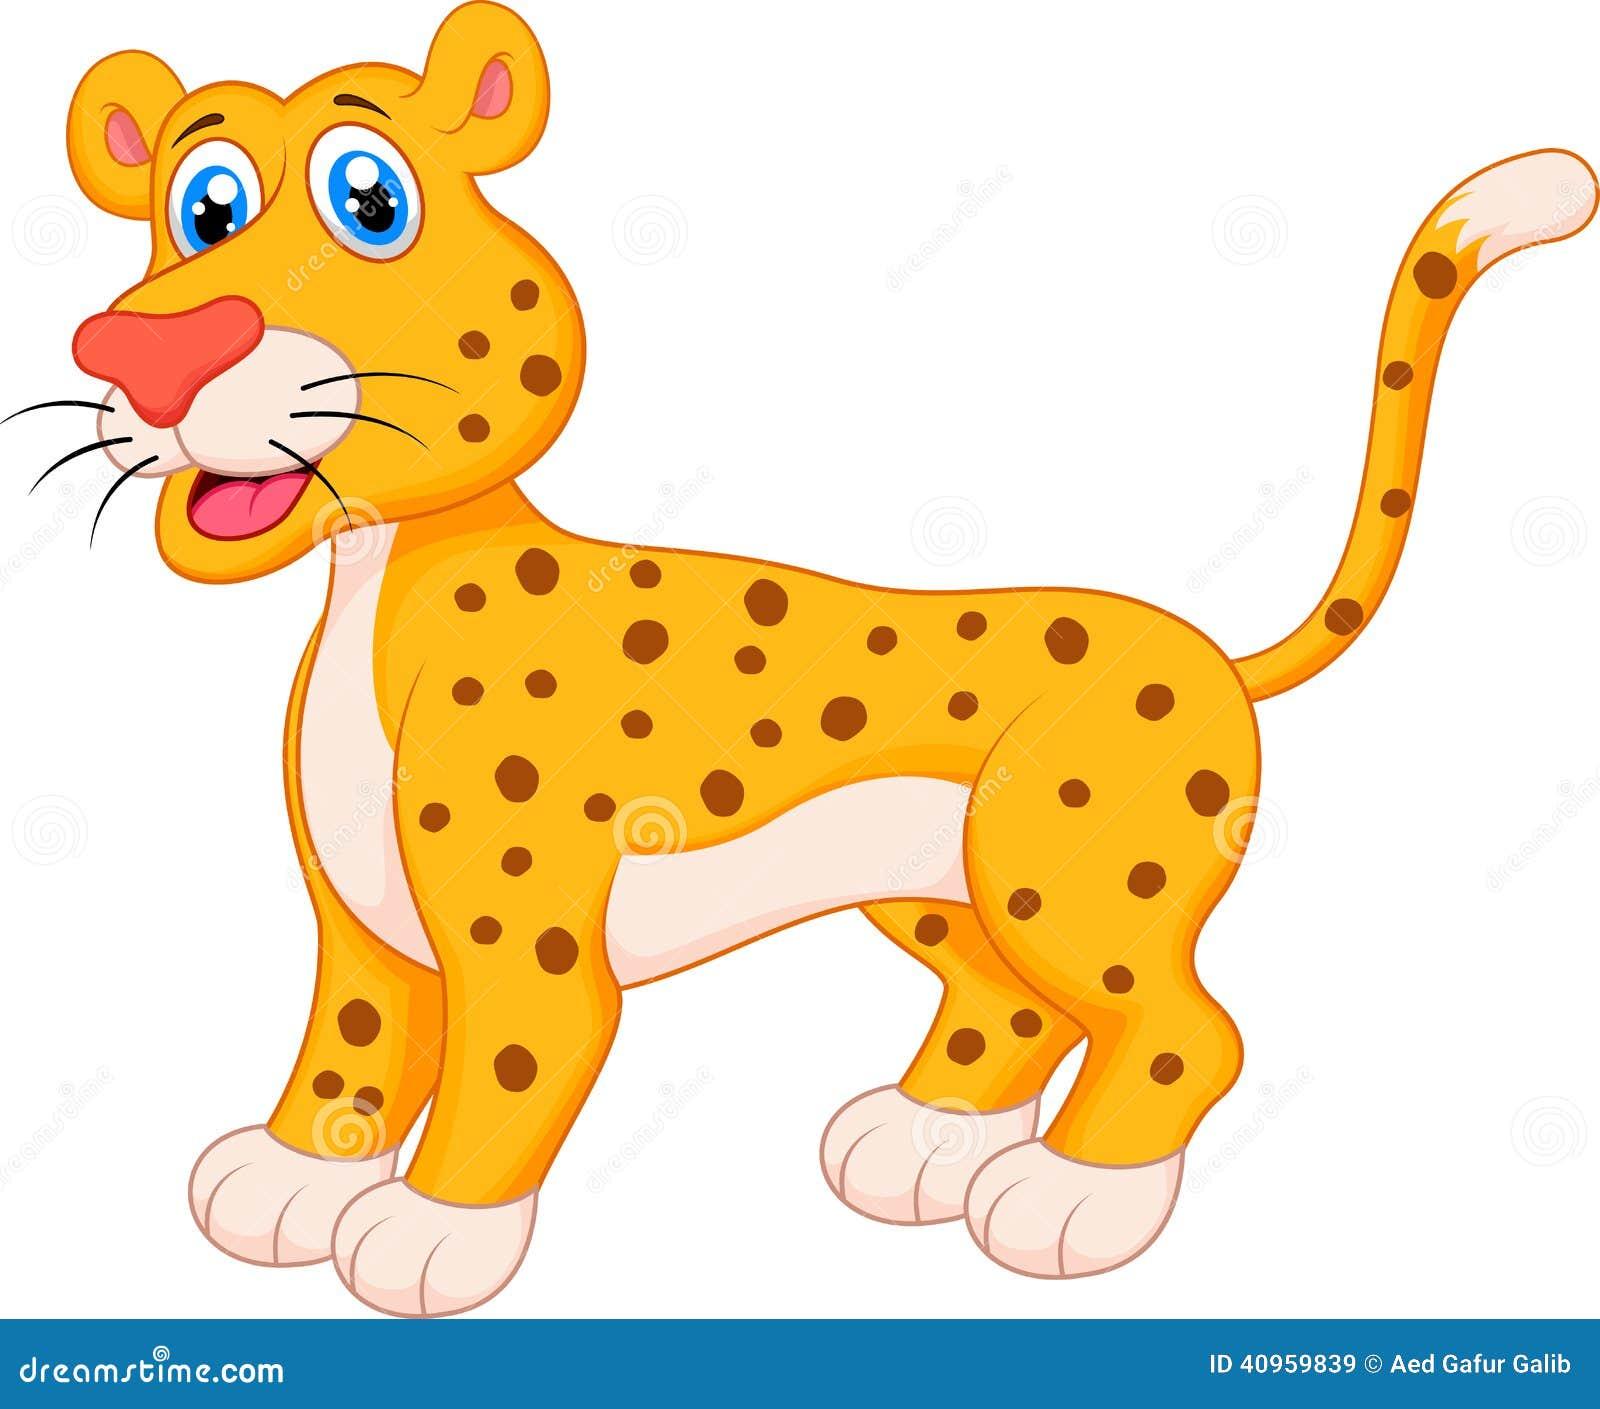 cute jaguar clipart - photo #47